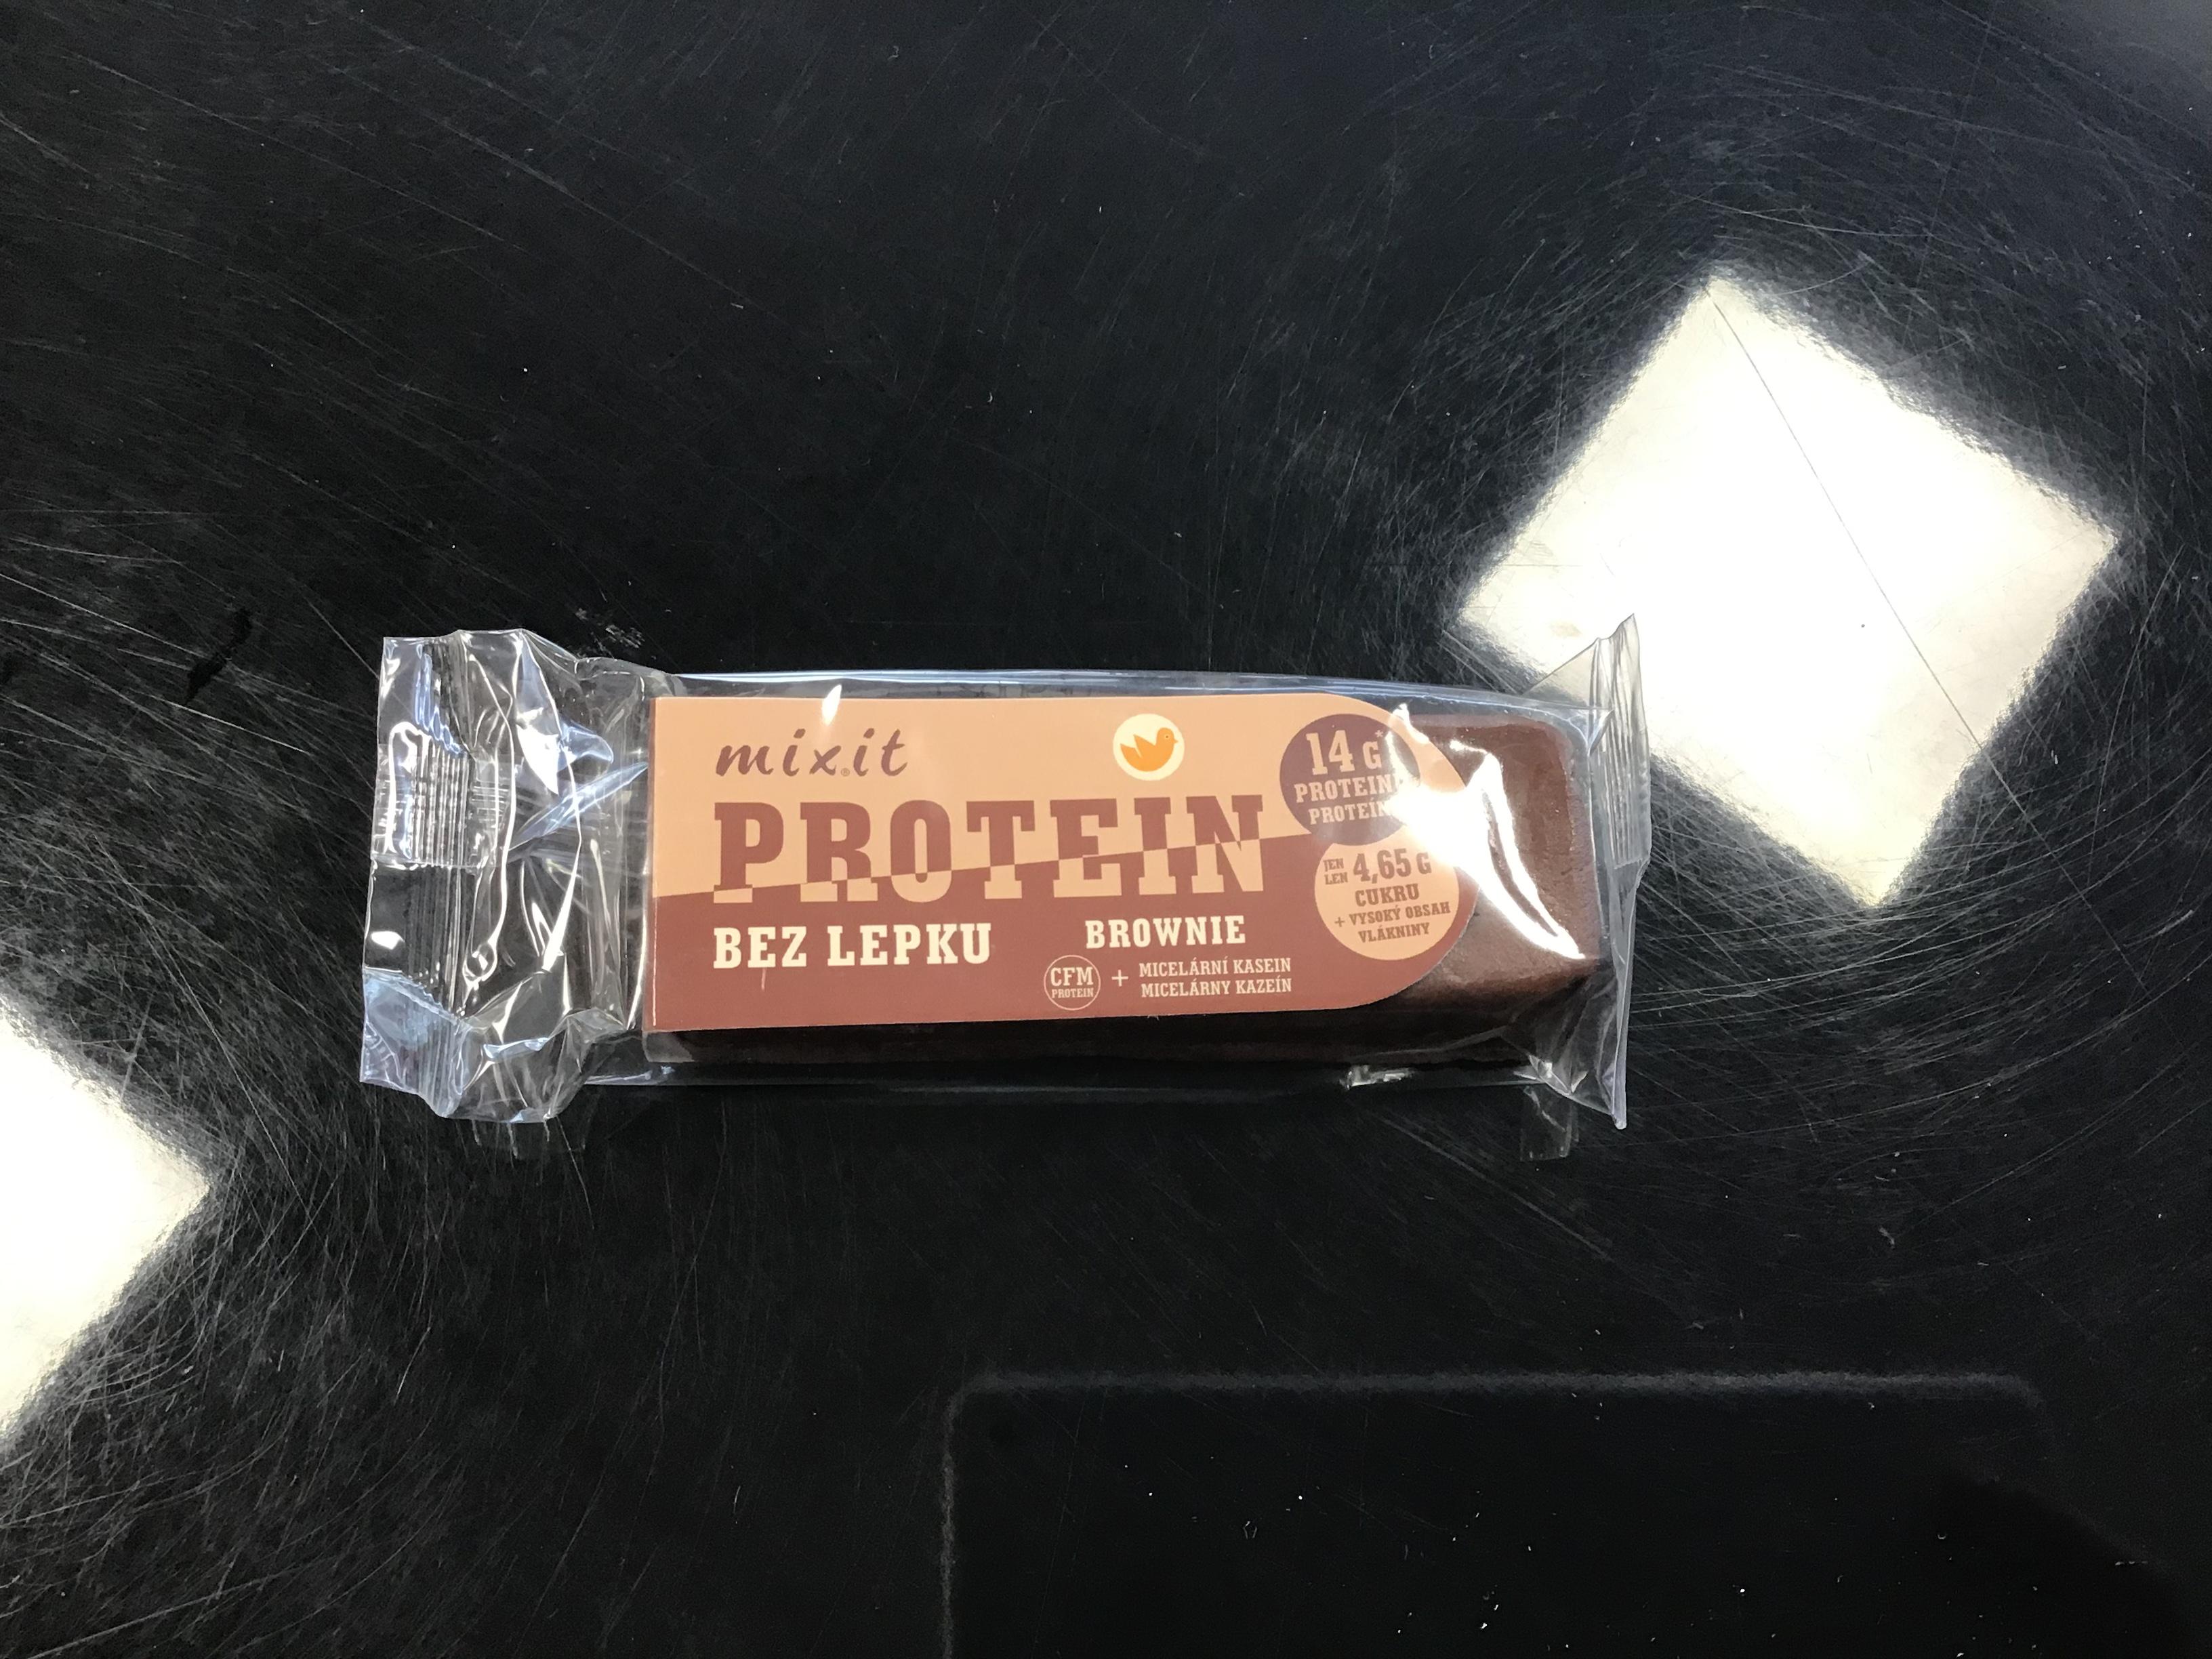 Mixit Tyčinka Proteín Brownie bez lepku 50g